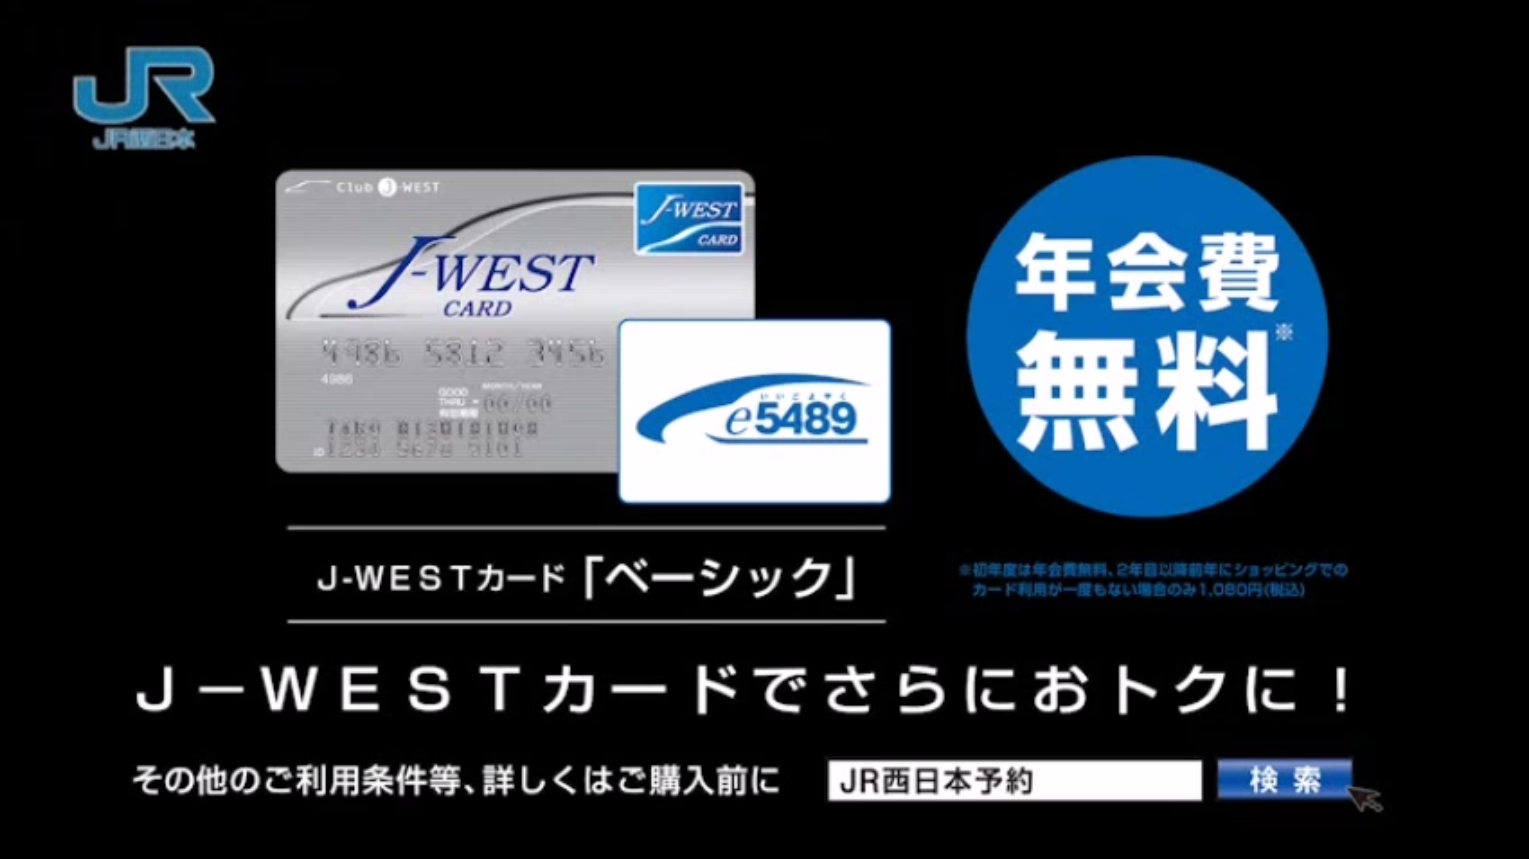 JR西日本 e5489